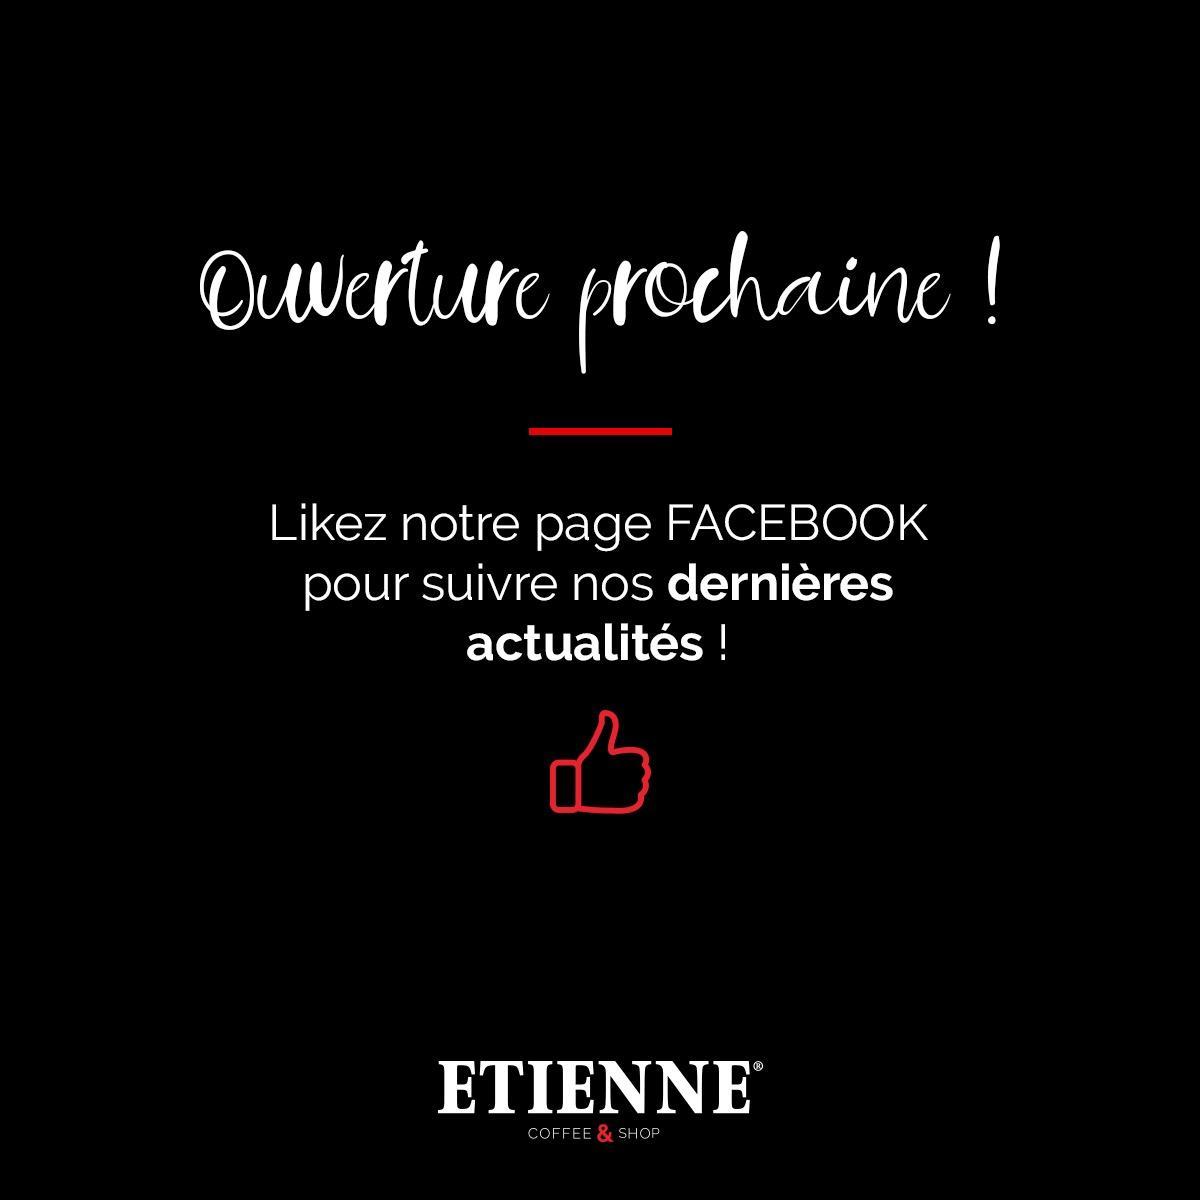 photo de ETIENNE Coffee & Shop Villeurbanne Gratte-Ciel